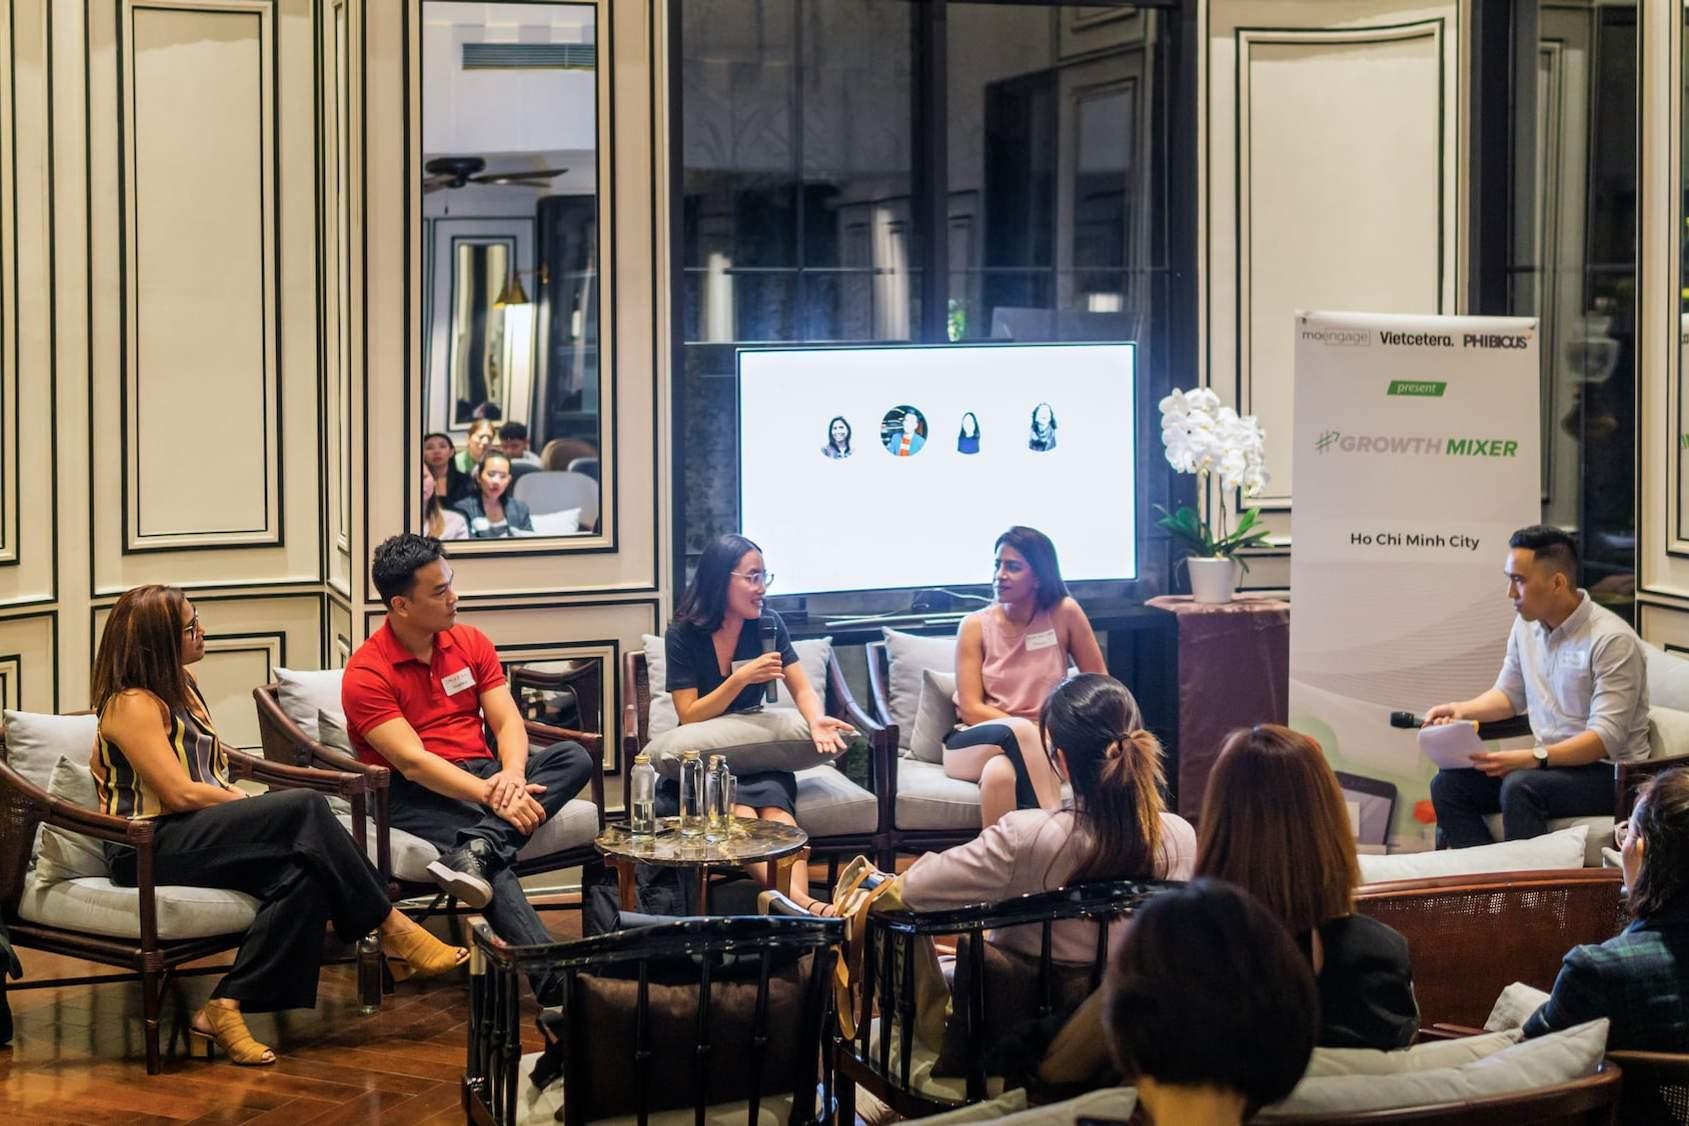 #GROWTH Mixer cùng MoEngage: Một thế giới Mobile-first đòi hỏi gì từ những chuyên gia Marketing?